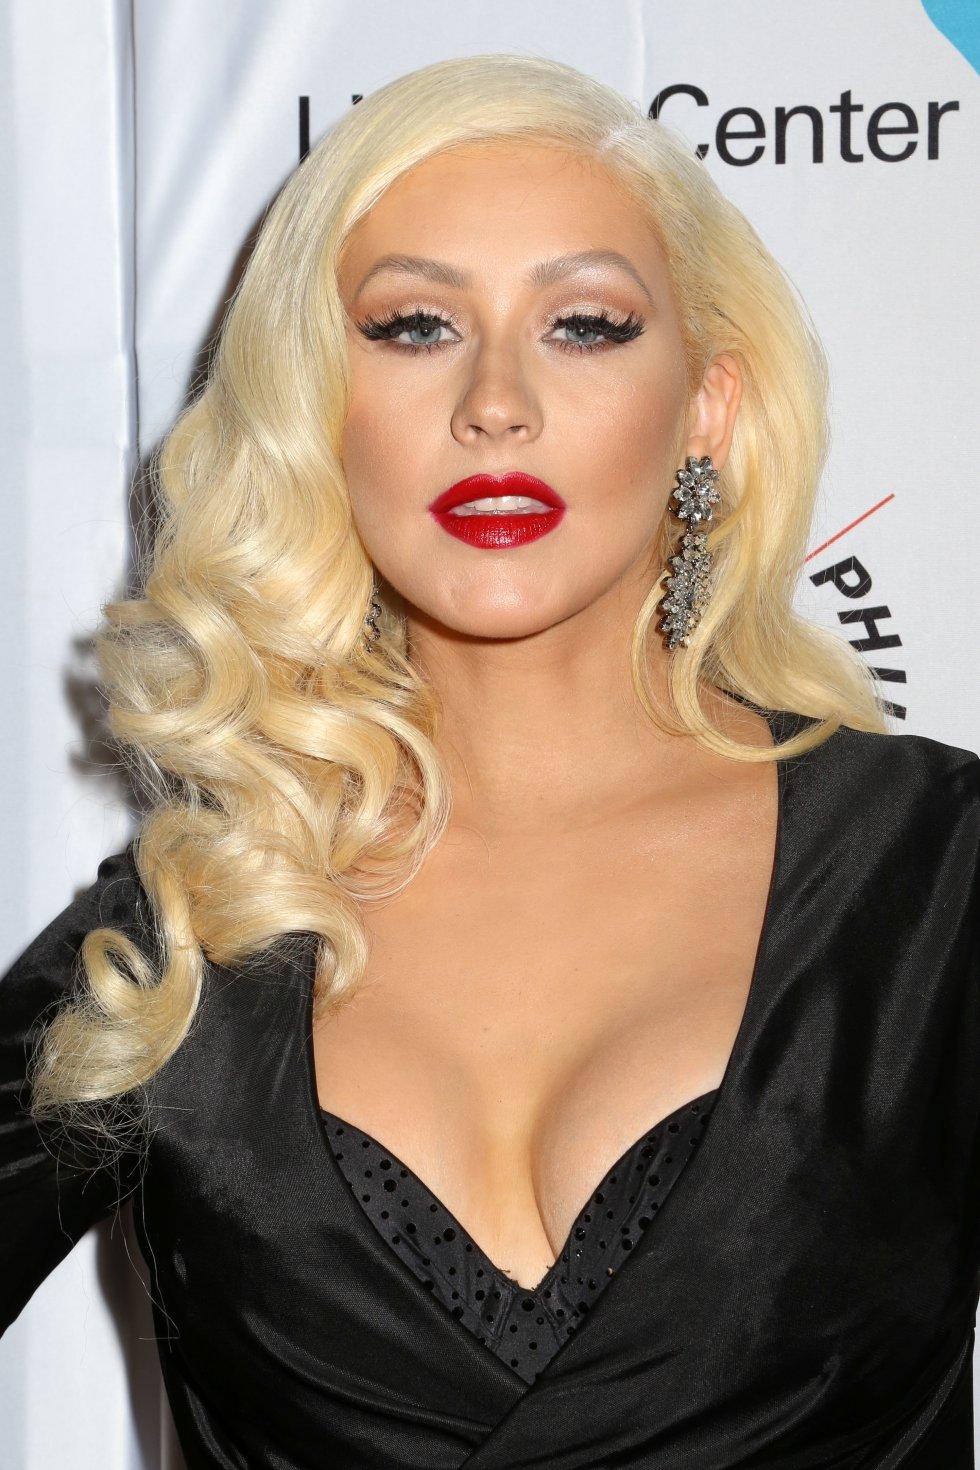 Christina Aguilera sorprendió a sus seguidores con una ráfaga de fotos muy sensual, en la que estaba disfrazada de un ayudante de 'Santa'.